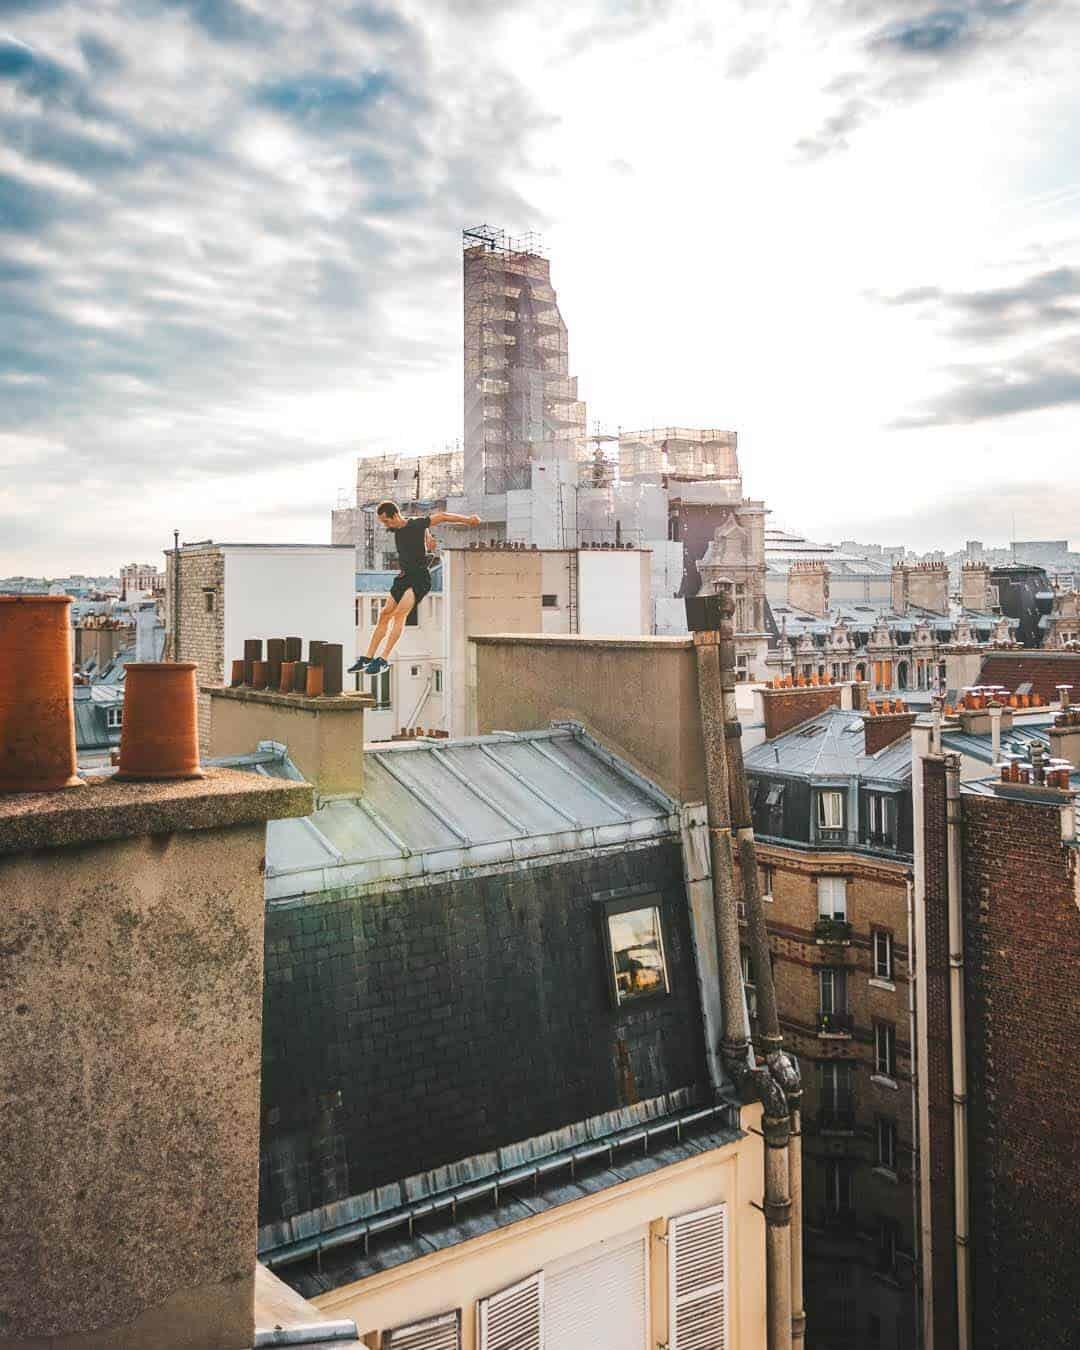 etrefort thibaut parkour clothing outdor paris rooftop pov jum3